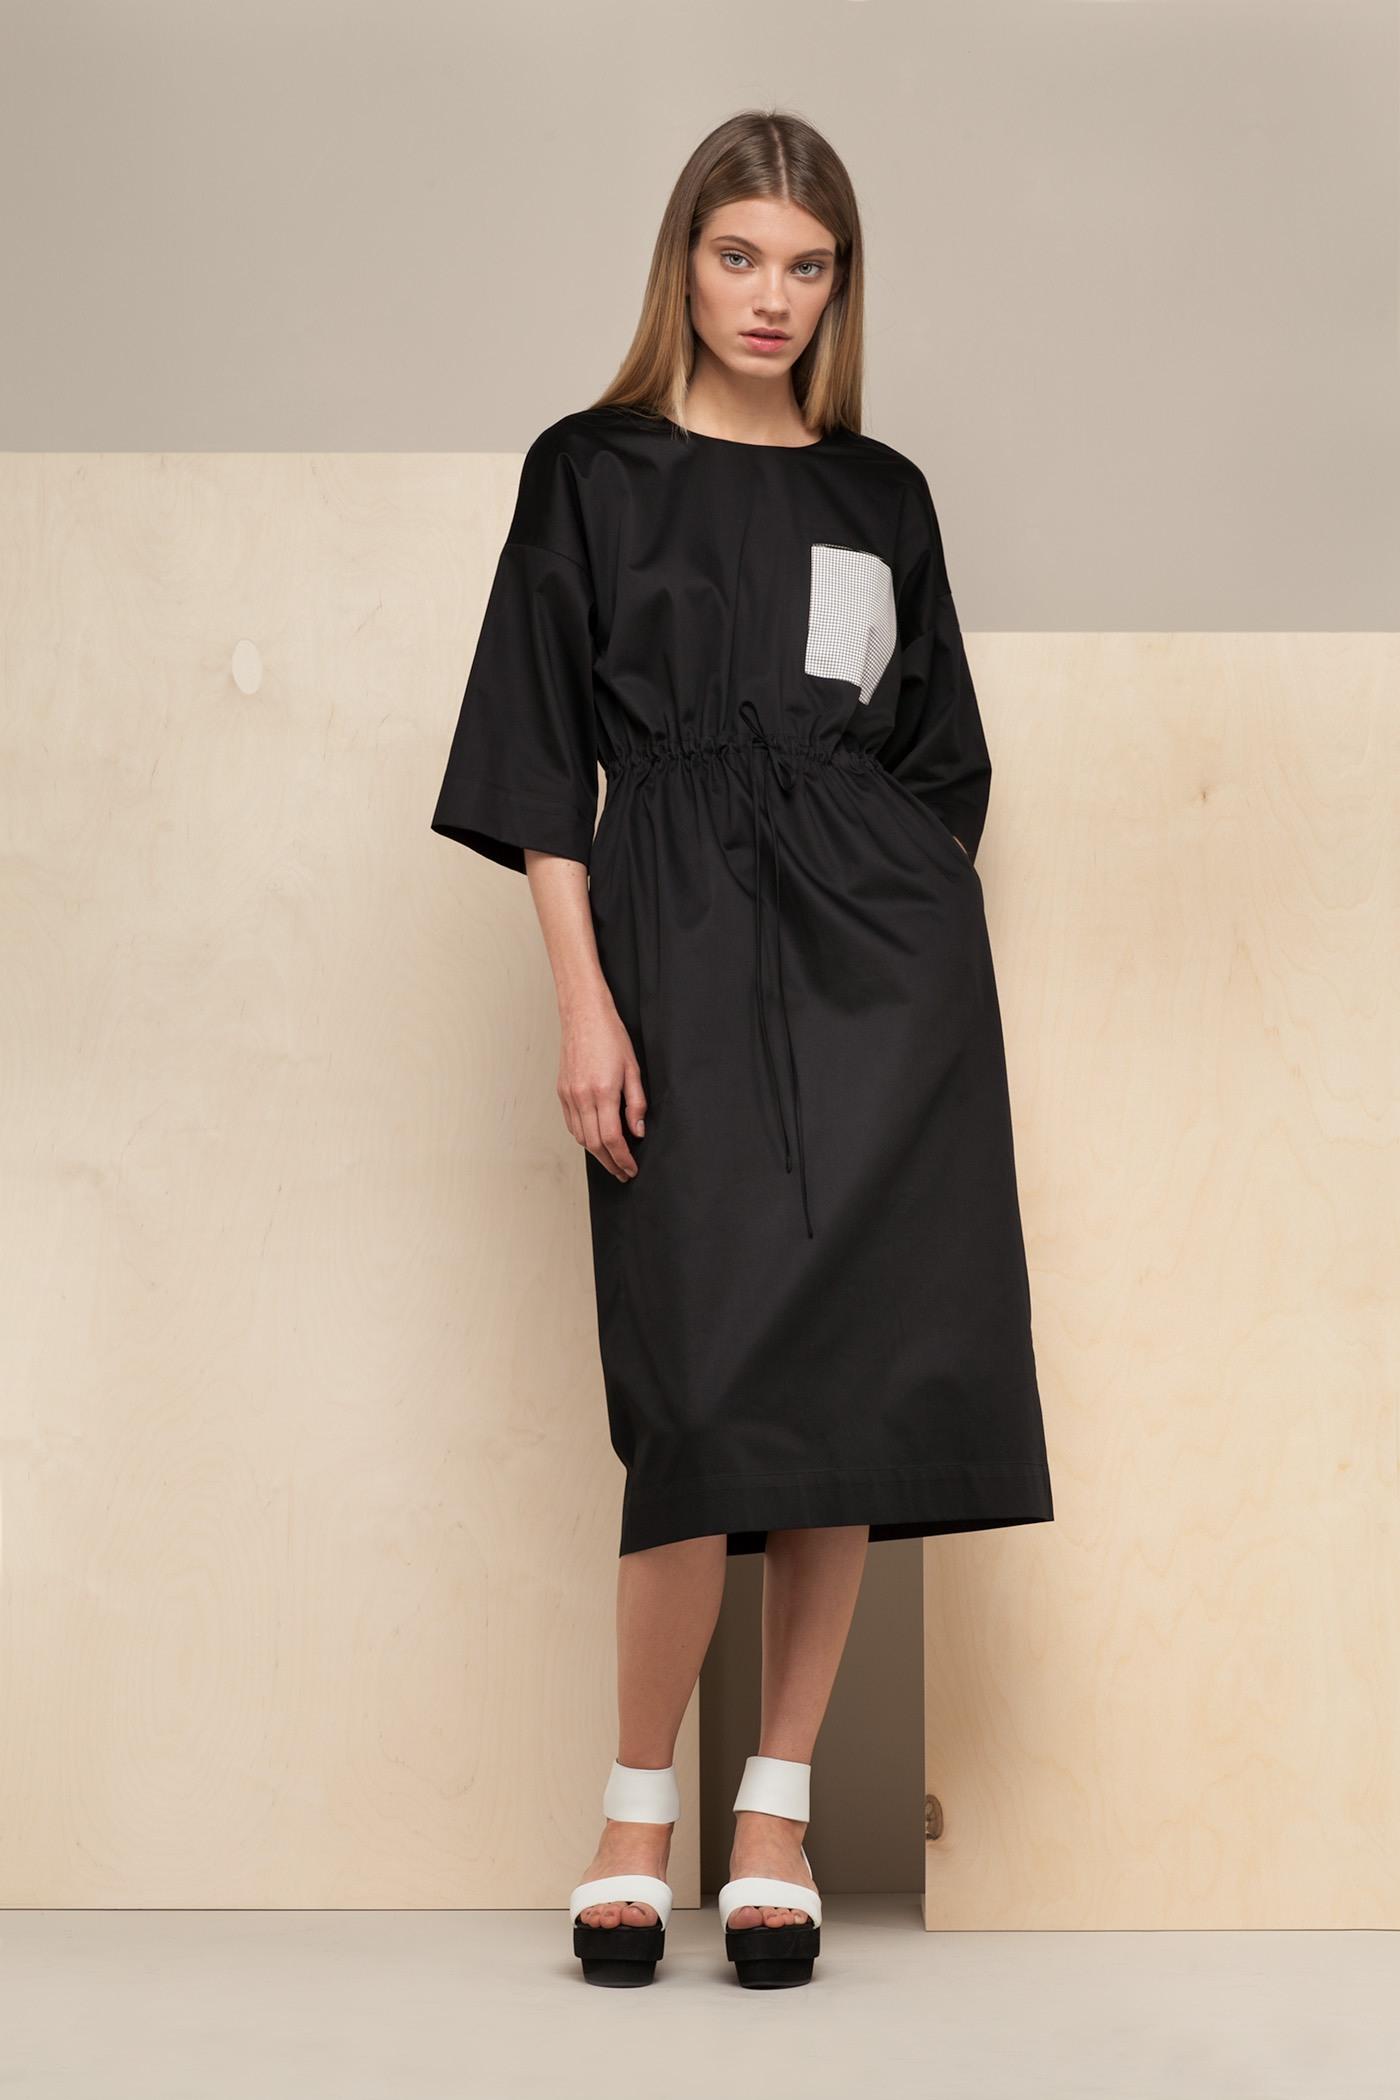 Платье средней длины - NemalevichПлатье средней длины прямого силуэта из хлопка с О-образным вырезом и карманом на груди. Драпируется на талии с помощью тканного шнурка.&#13;<br>&#13;<br>&#13;<br>широкие рукава 2/3&#13;<br>&#13;<br>карманы в боковых швах&#13;<br>&#13;<br>дышащий хлопок&#13;<br>&#13;<br>длина изделия по спинке 108 см в ростовке 164-170 см., длина может изменяться в зависимости от ростовки&#13;<br>&#13;<br>размер и другие нюансы уточняются при заказе, мы с вами связываемся по указанному вами номеру телефона<br><br>Цвет: Черный<br>Размер: one size<br>Ростовка: 164 -170